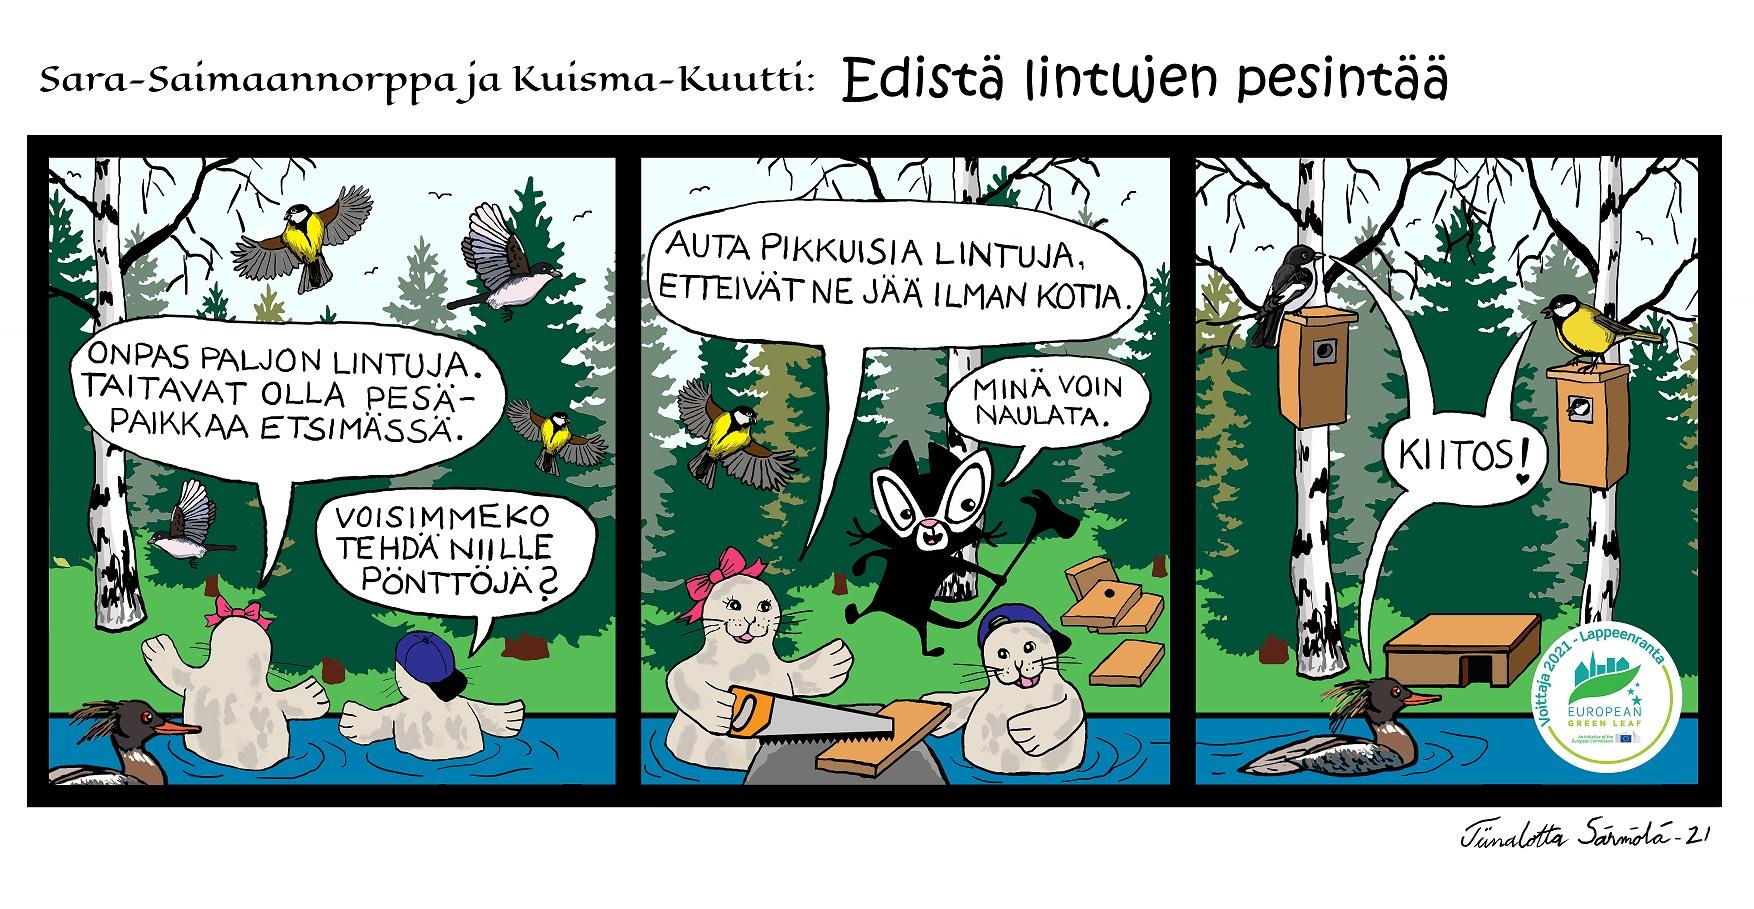 """Kolmen kuvaruudun sarjakuvastrippi, jonka aiheena on ekologisuus. Sarjakuva on toteutettu Lappeenranta Green Leaf vuoden 2021 kunniaksi yhteistyössä kuvataiteilija Tiinalotta Särmölän ja Etelä-Karjalan lastenkulttuurikeskus Metkun kanssa. Kevät on tullut. Sara-Saimaannorppa ja Kuisma-Kuutti ovat Saimaan kanavan laitamilla uimassa. Rannalla kasvaa tiheä kuusikko ja koivuja. Sara toteaa Kuismalle: """"Onpas paljon lintuja. Taitavat olla pesäpaikkaa etsimässä."""" Taivaalla lentelee talitiaisia ja kirjosieppoja. Taavi-Tukkakoskelokin uiskentelee moikkaamaan Saraa ja Kuismaa. Kuisma katselee lintuja ja ehdottaa: """"Voisimmeko tehdä niille pönttöjä?"""" Sara ja Kuisma käyvät tuumasta toimeen. Sara sahaa lautoja pönttöjä varten ja Kuisma auttaa Saraa tukien lautoja sahausvaiheessa. Avuksi saapuu myös Metku-Kissa sanoen: """"Minä voin naulata."""" Sara, Kuisma ja Metku-Kissa tekevät yhteensä kolme pönttöä. Kirjosieppo, talitiainen ja Taavi-Tukkakoskelo löytävät pöntöt ja valitsevat niistä itselleen mieluisen pesäkolokseen. Linnut iloitsevat yhteen ääneen pesistään kiittäen Saraa ja Kuismaa."""